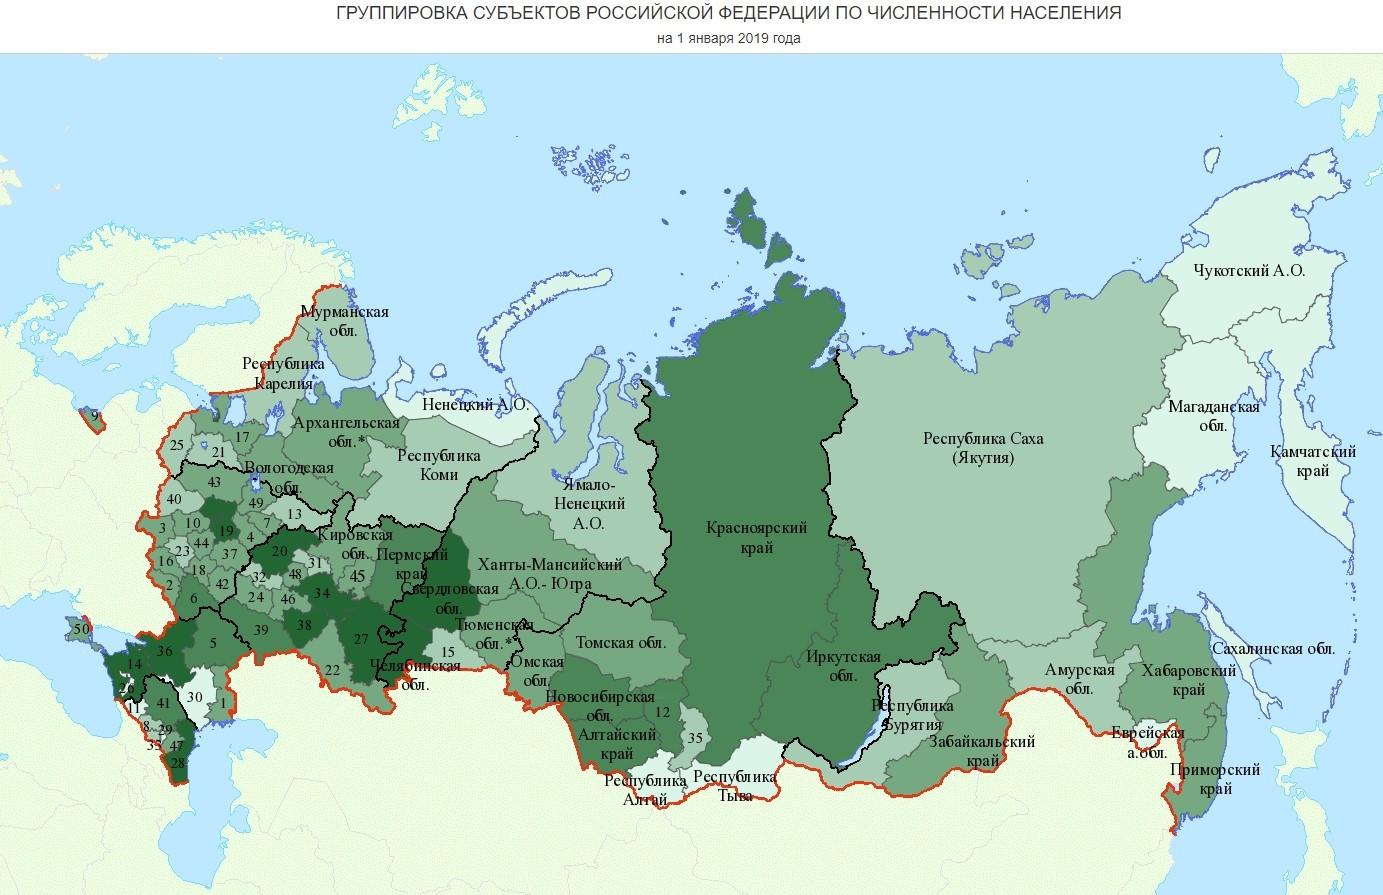 Ненецкий автономный округ и Чукотка остаются самыми малочисленными регионами РФ